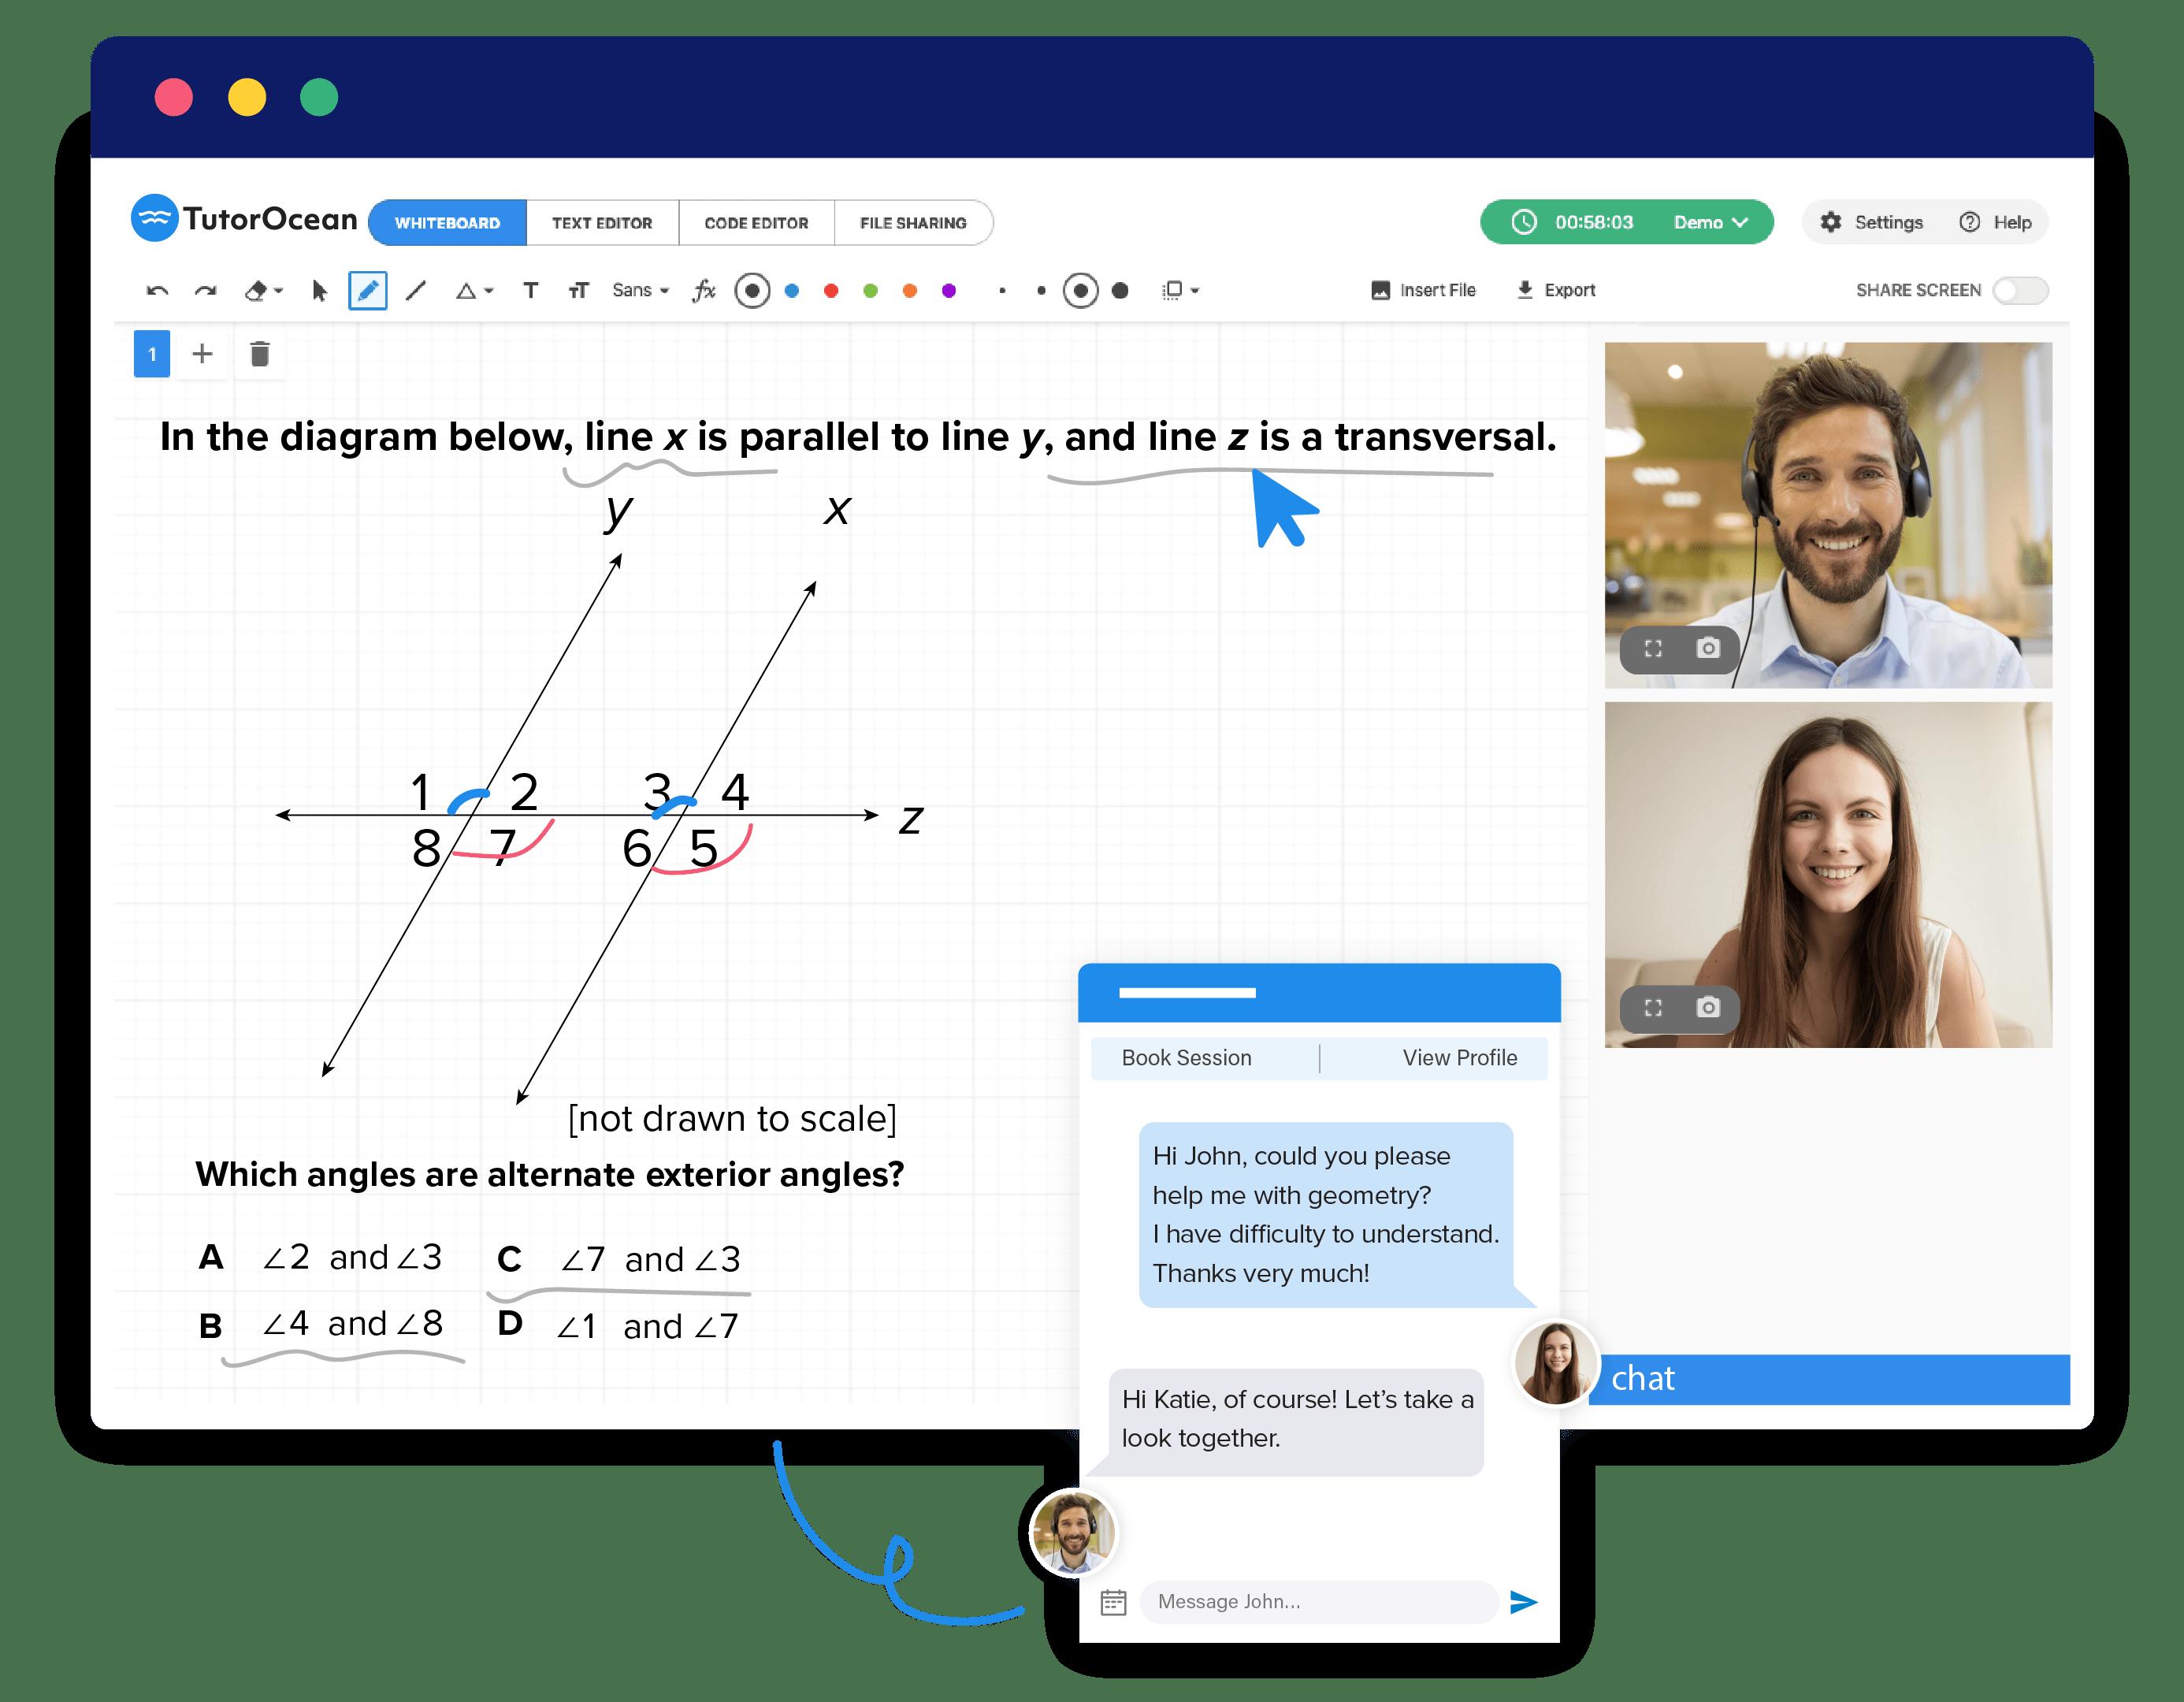 TutorOcean's virtual peer-assisted learning platform